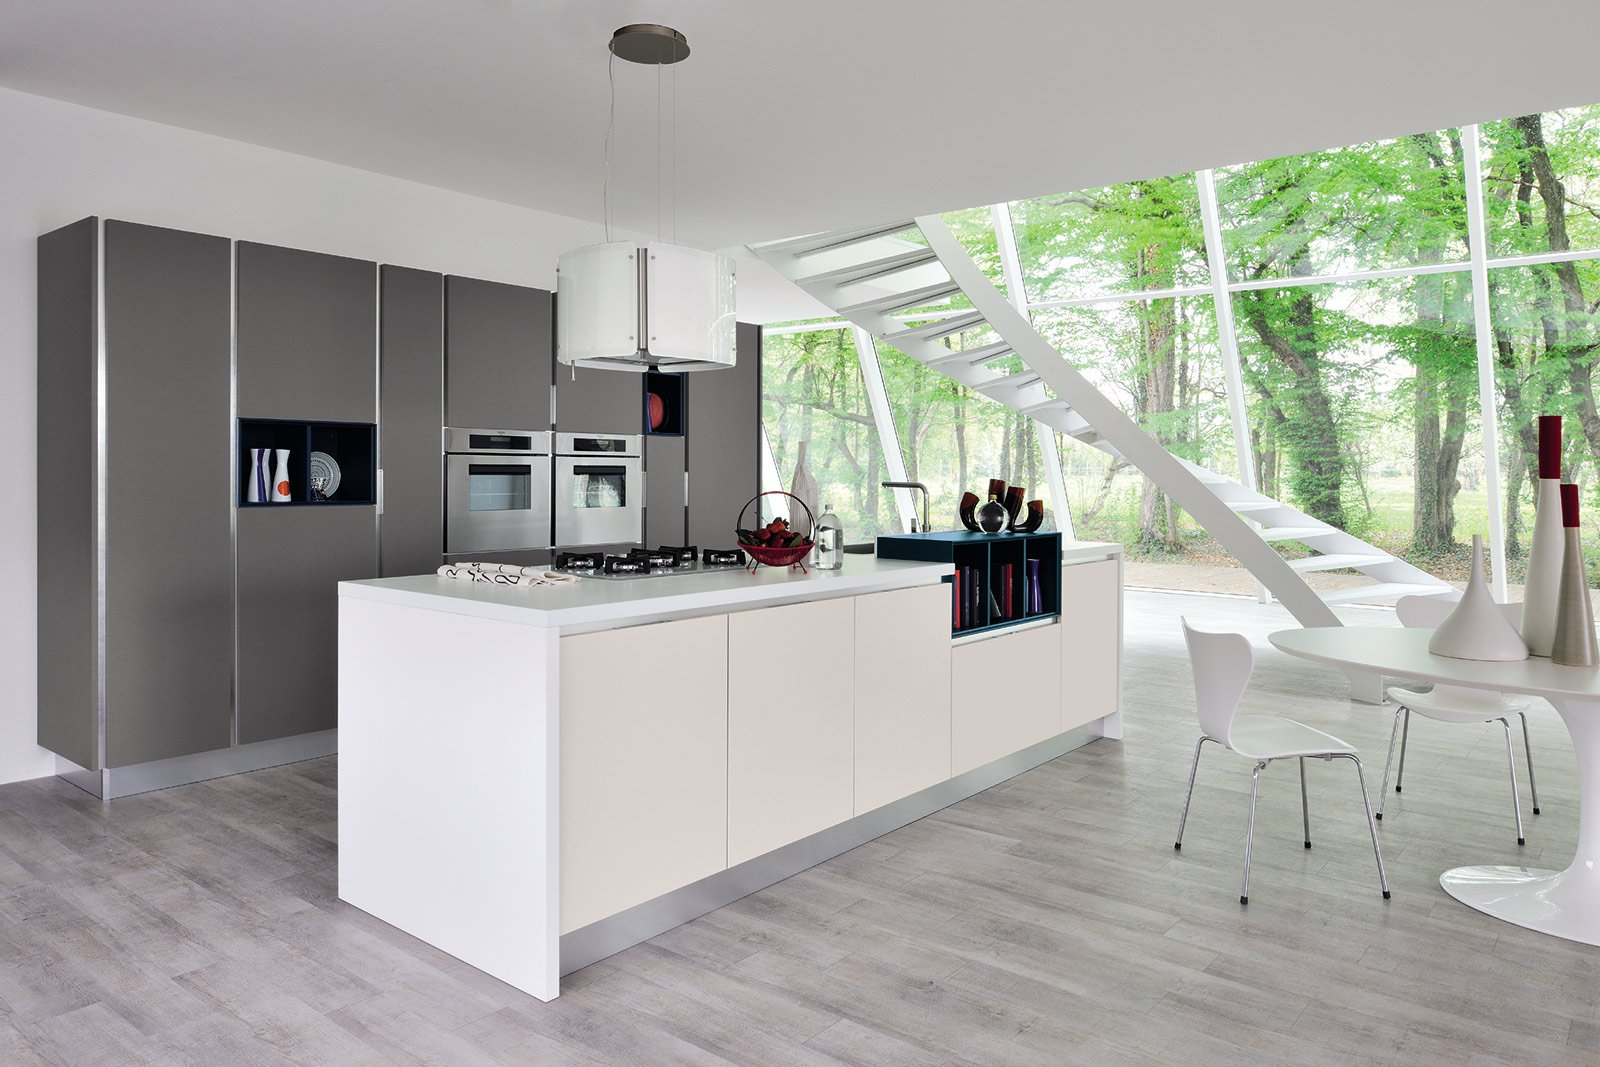 la cucina con l'isola: monocromatica o bicolore - cose di casa - Cose Di Casa Cucine